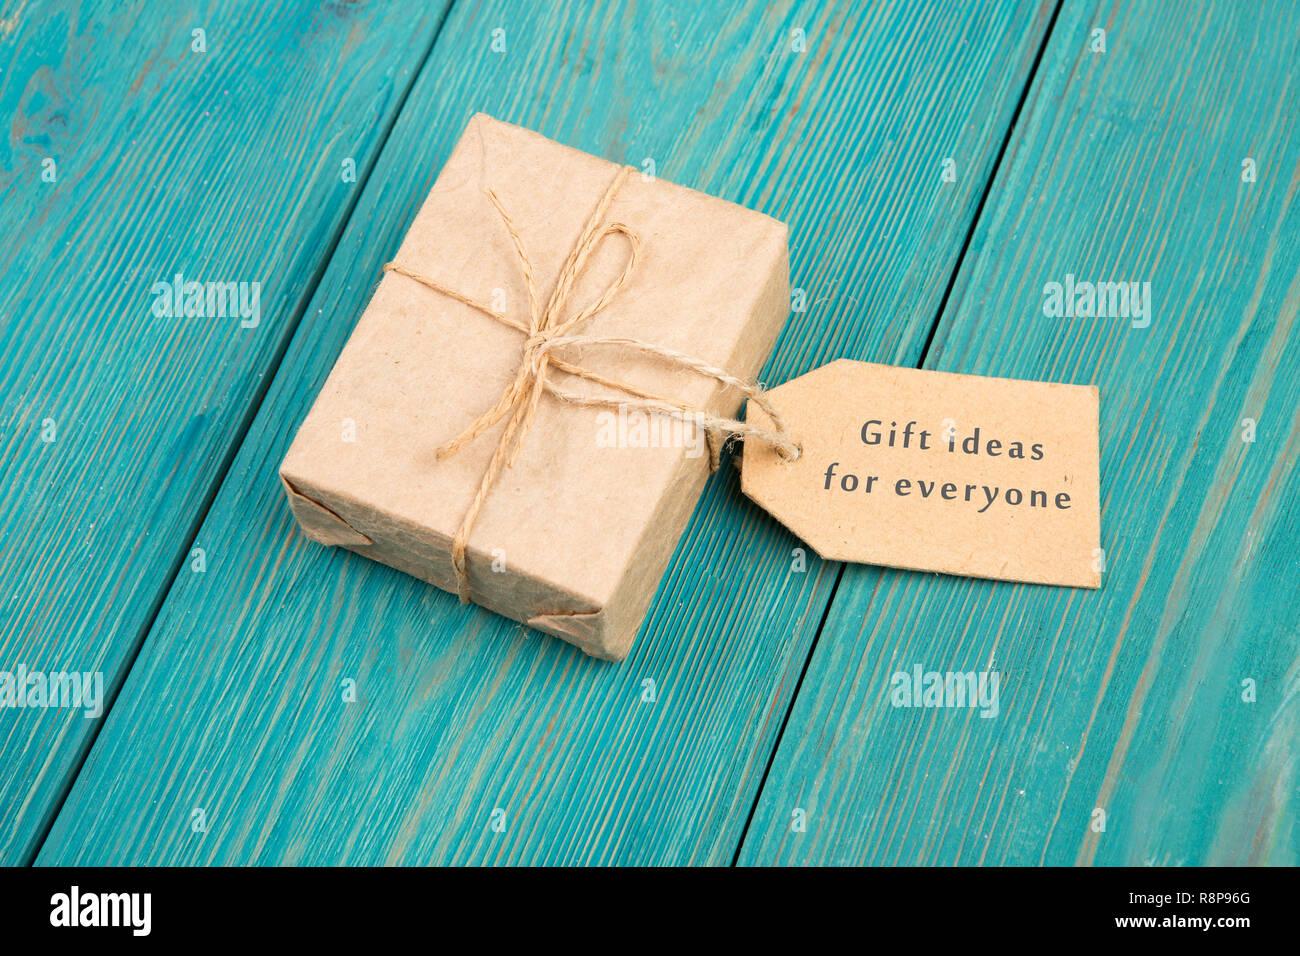 3b252fdc26 Confezione regalo e tag con il testo